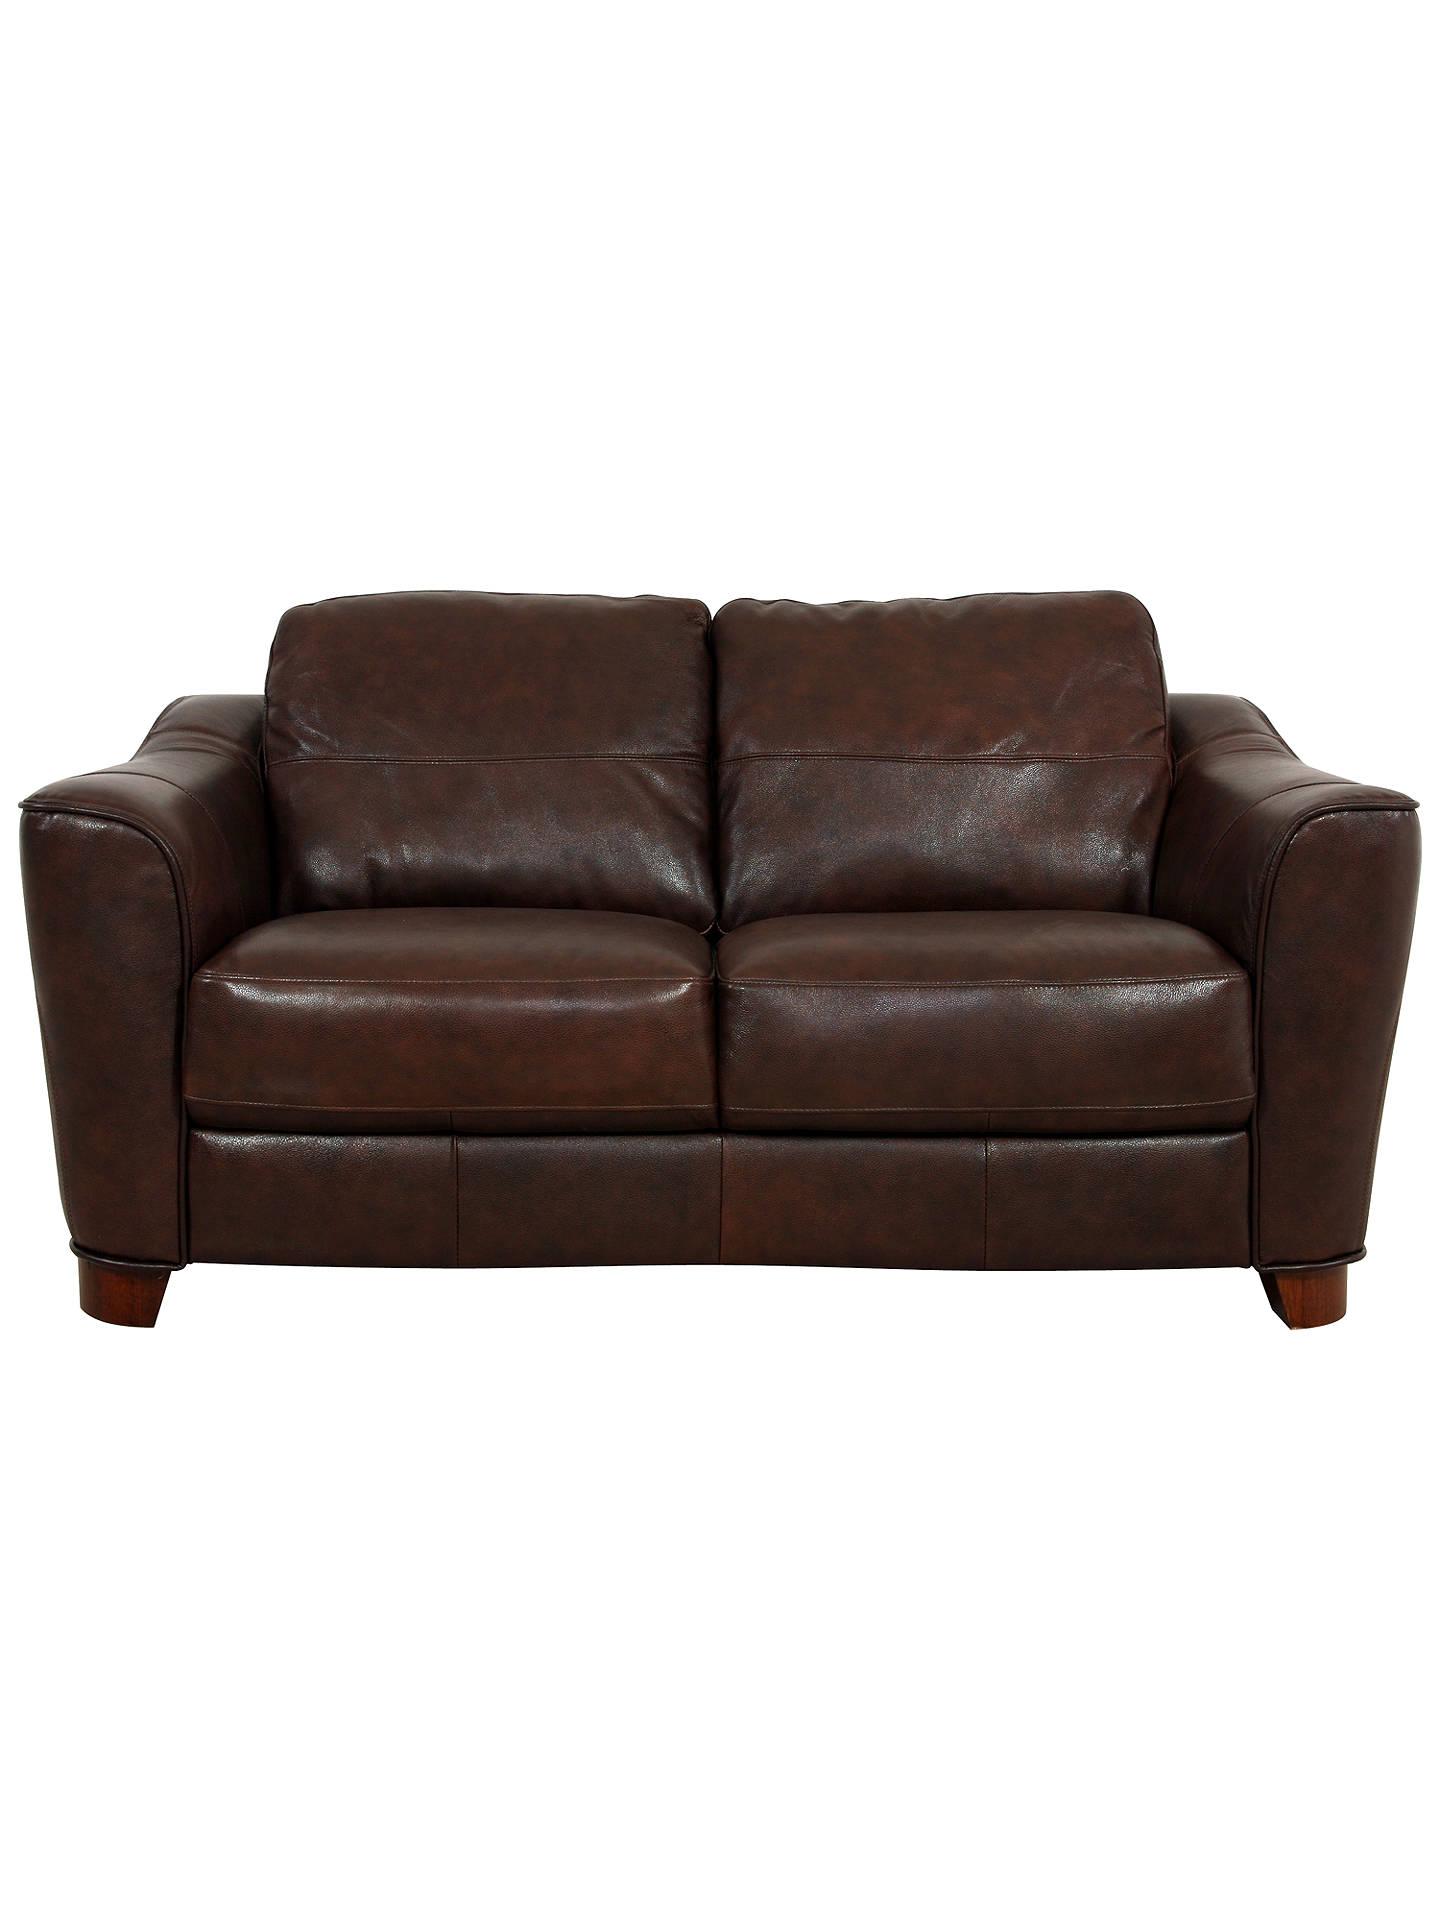 John Lewis Darwin Small Leather Sofa